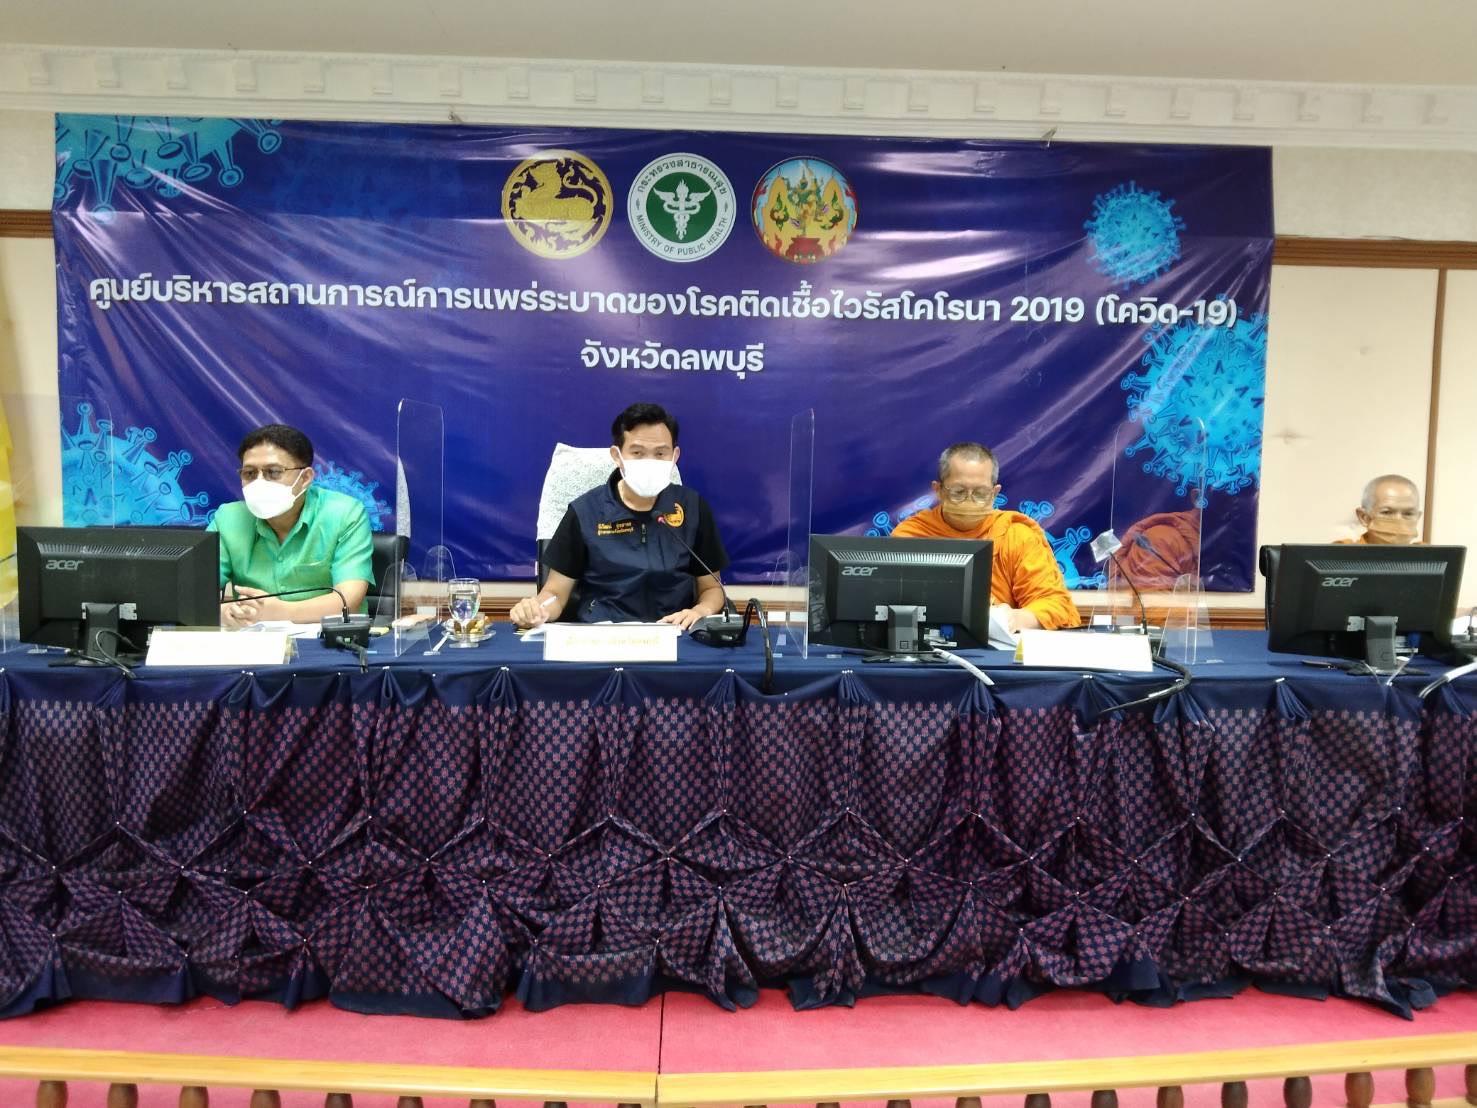 การประชุมการจัดพิธีทอดผ้าป่าสนับสนุนโครงการทุนเล่าเรียนหลวงสำหรับพระสงฆ์ไทย ระดับจังหวัดลพบุรี